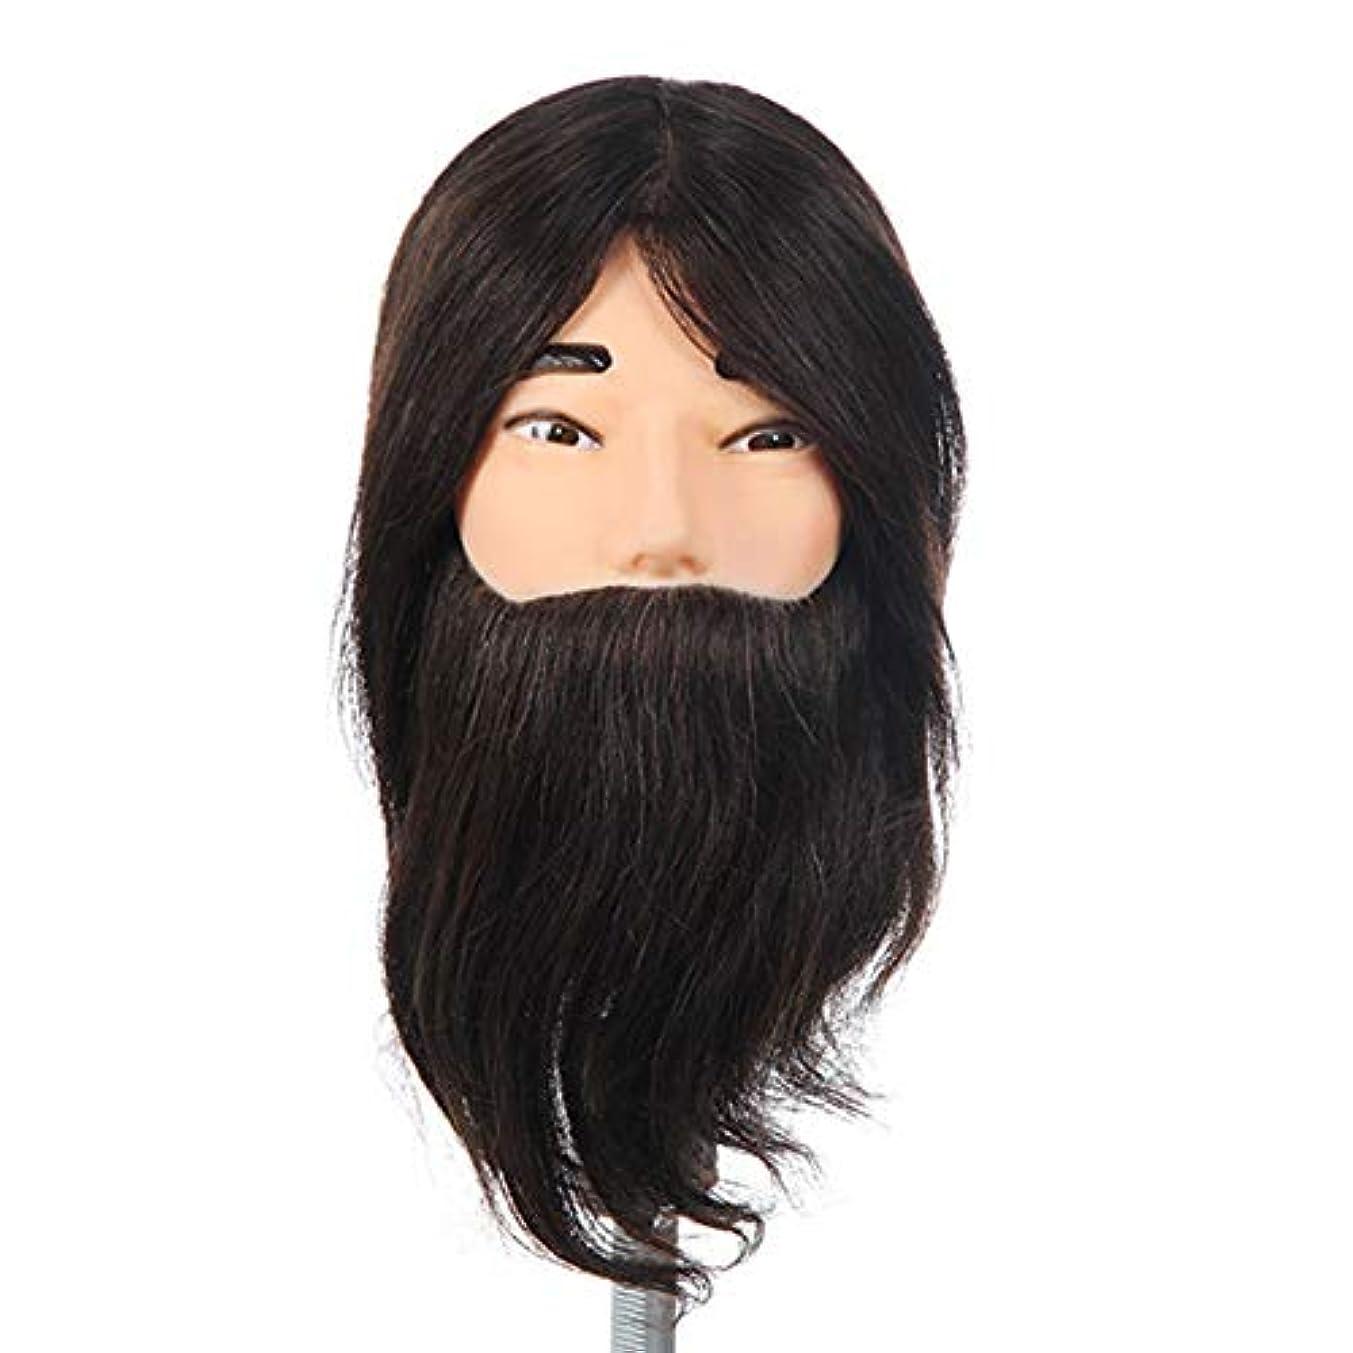 することになっているくしゃみ失速リアルヘア練習ヘッドモデルヘアサロントリミングパーマ染毛剤学習ダミーヘッドひげを生やした男性化粧マネキンヘッド